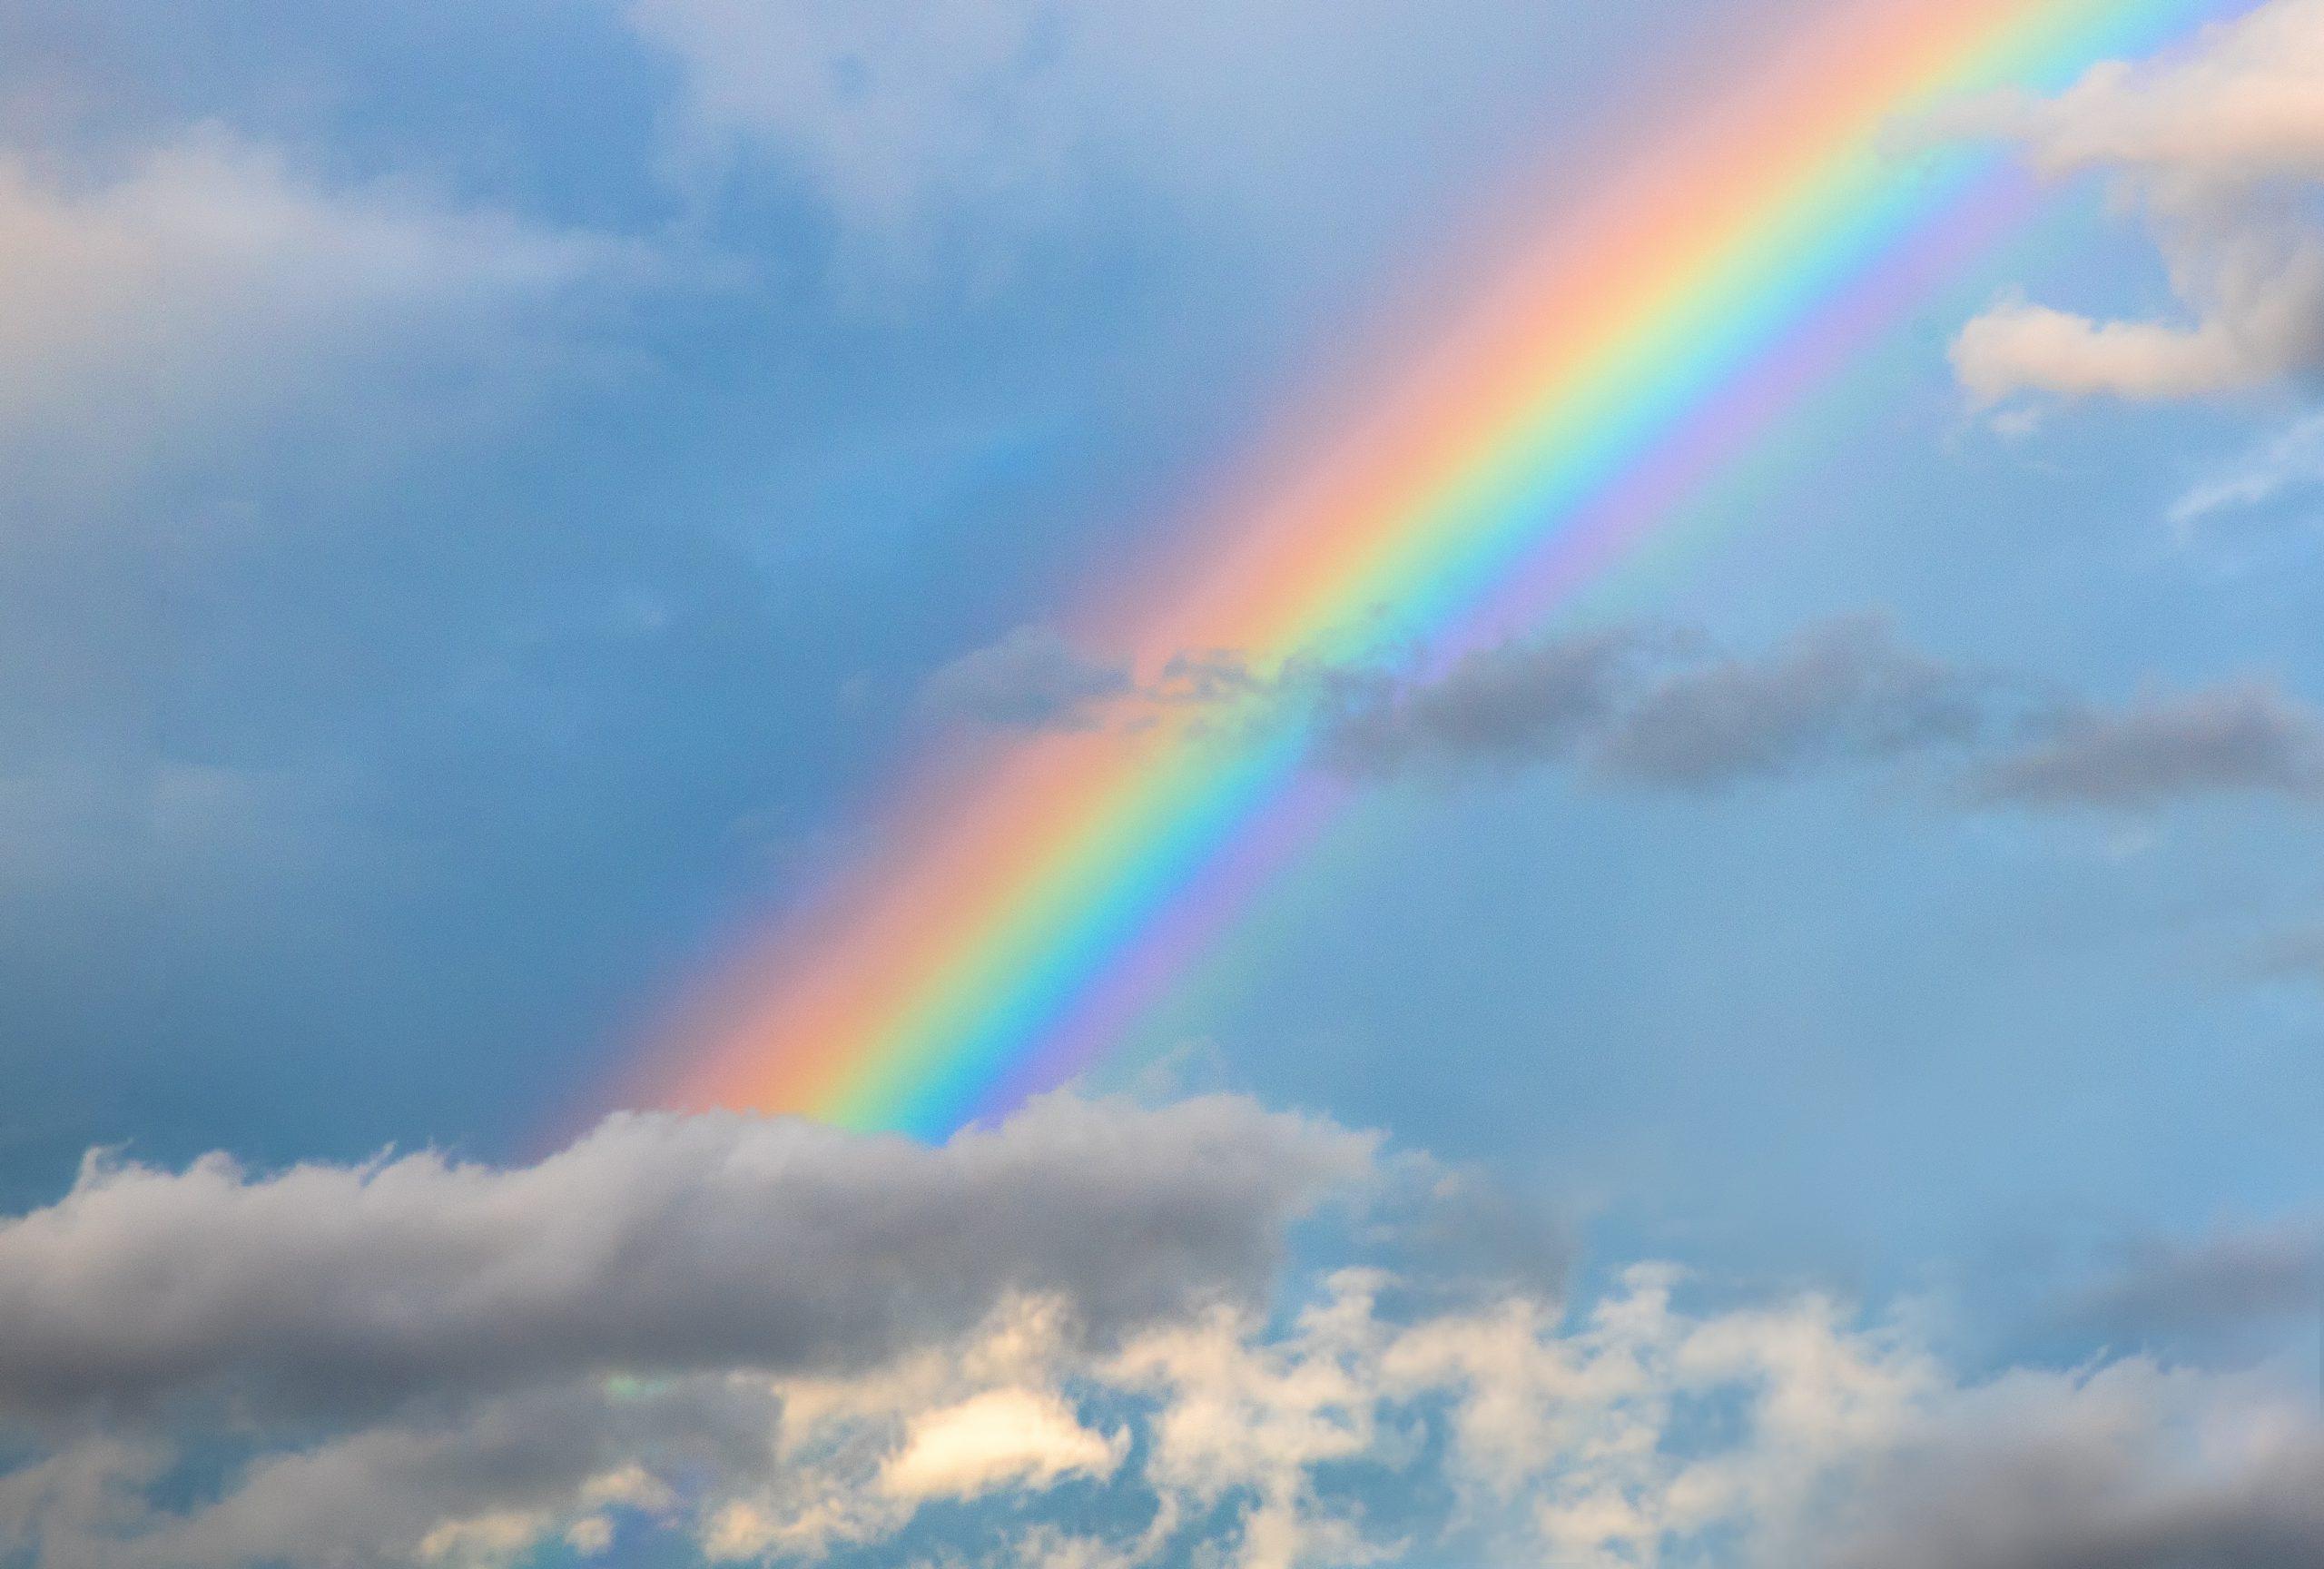 Dal rosso, all'indaco e al viola: tutti i colori dell'arcobaleno